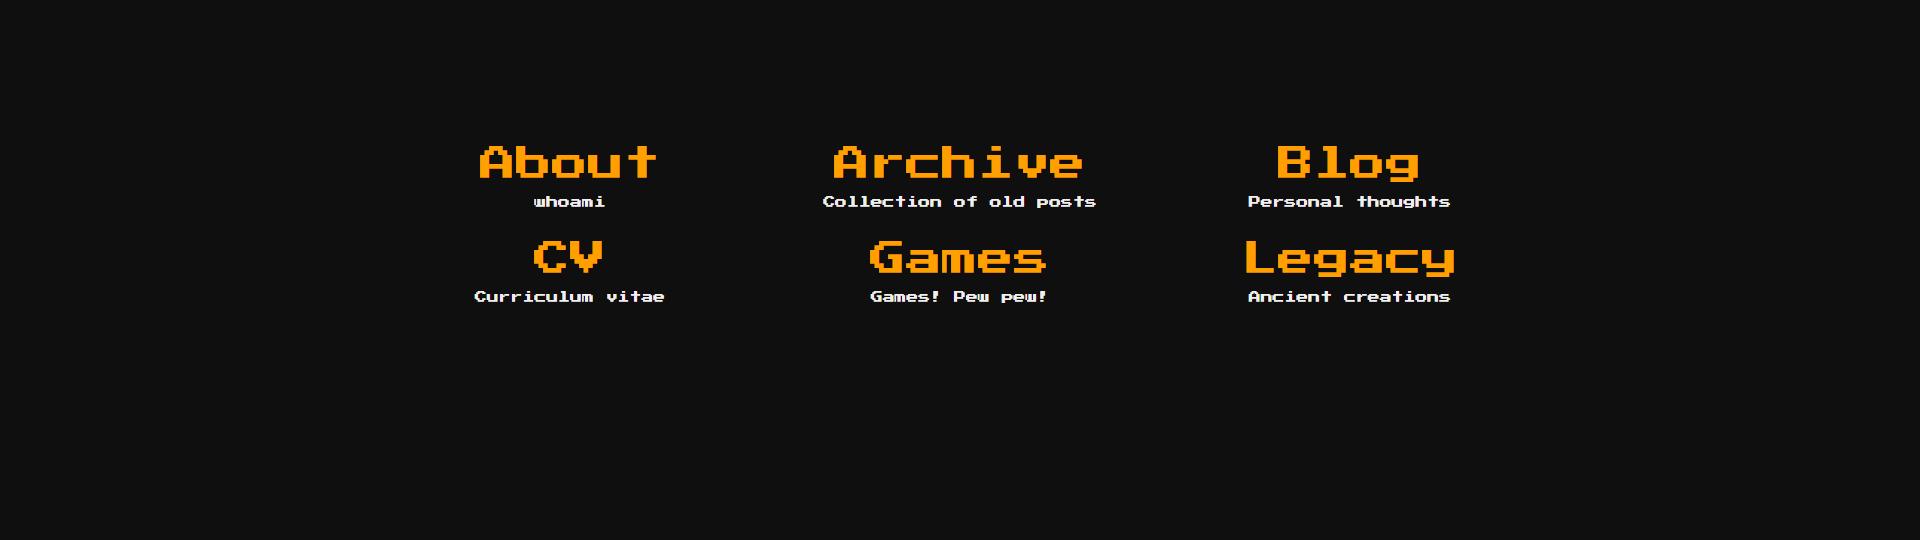 v4/assets/images/banner.png